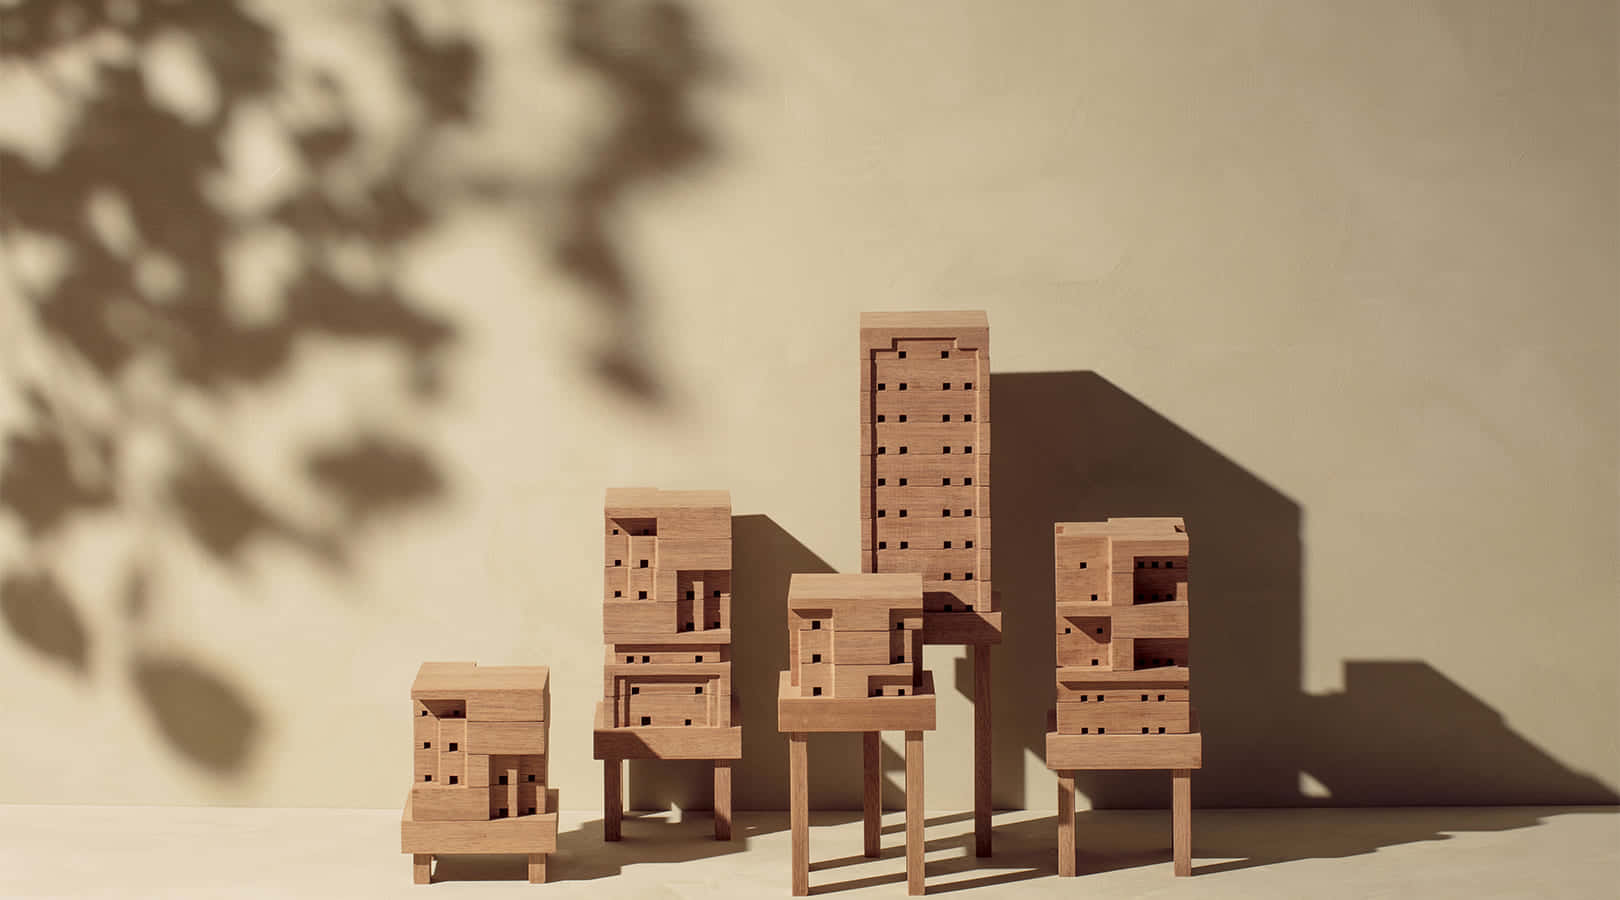 イケアのイノベーションラボ、誰でも作れるハチの巣のデザインを無料公開